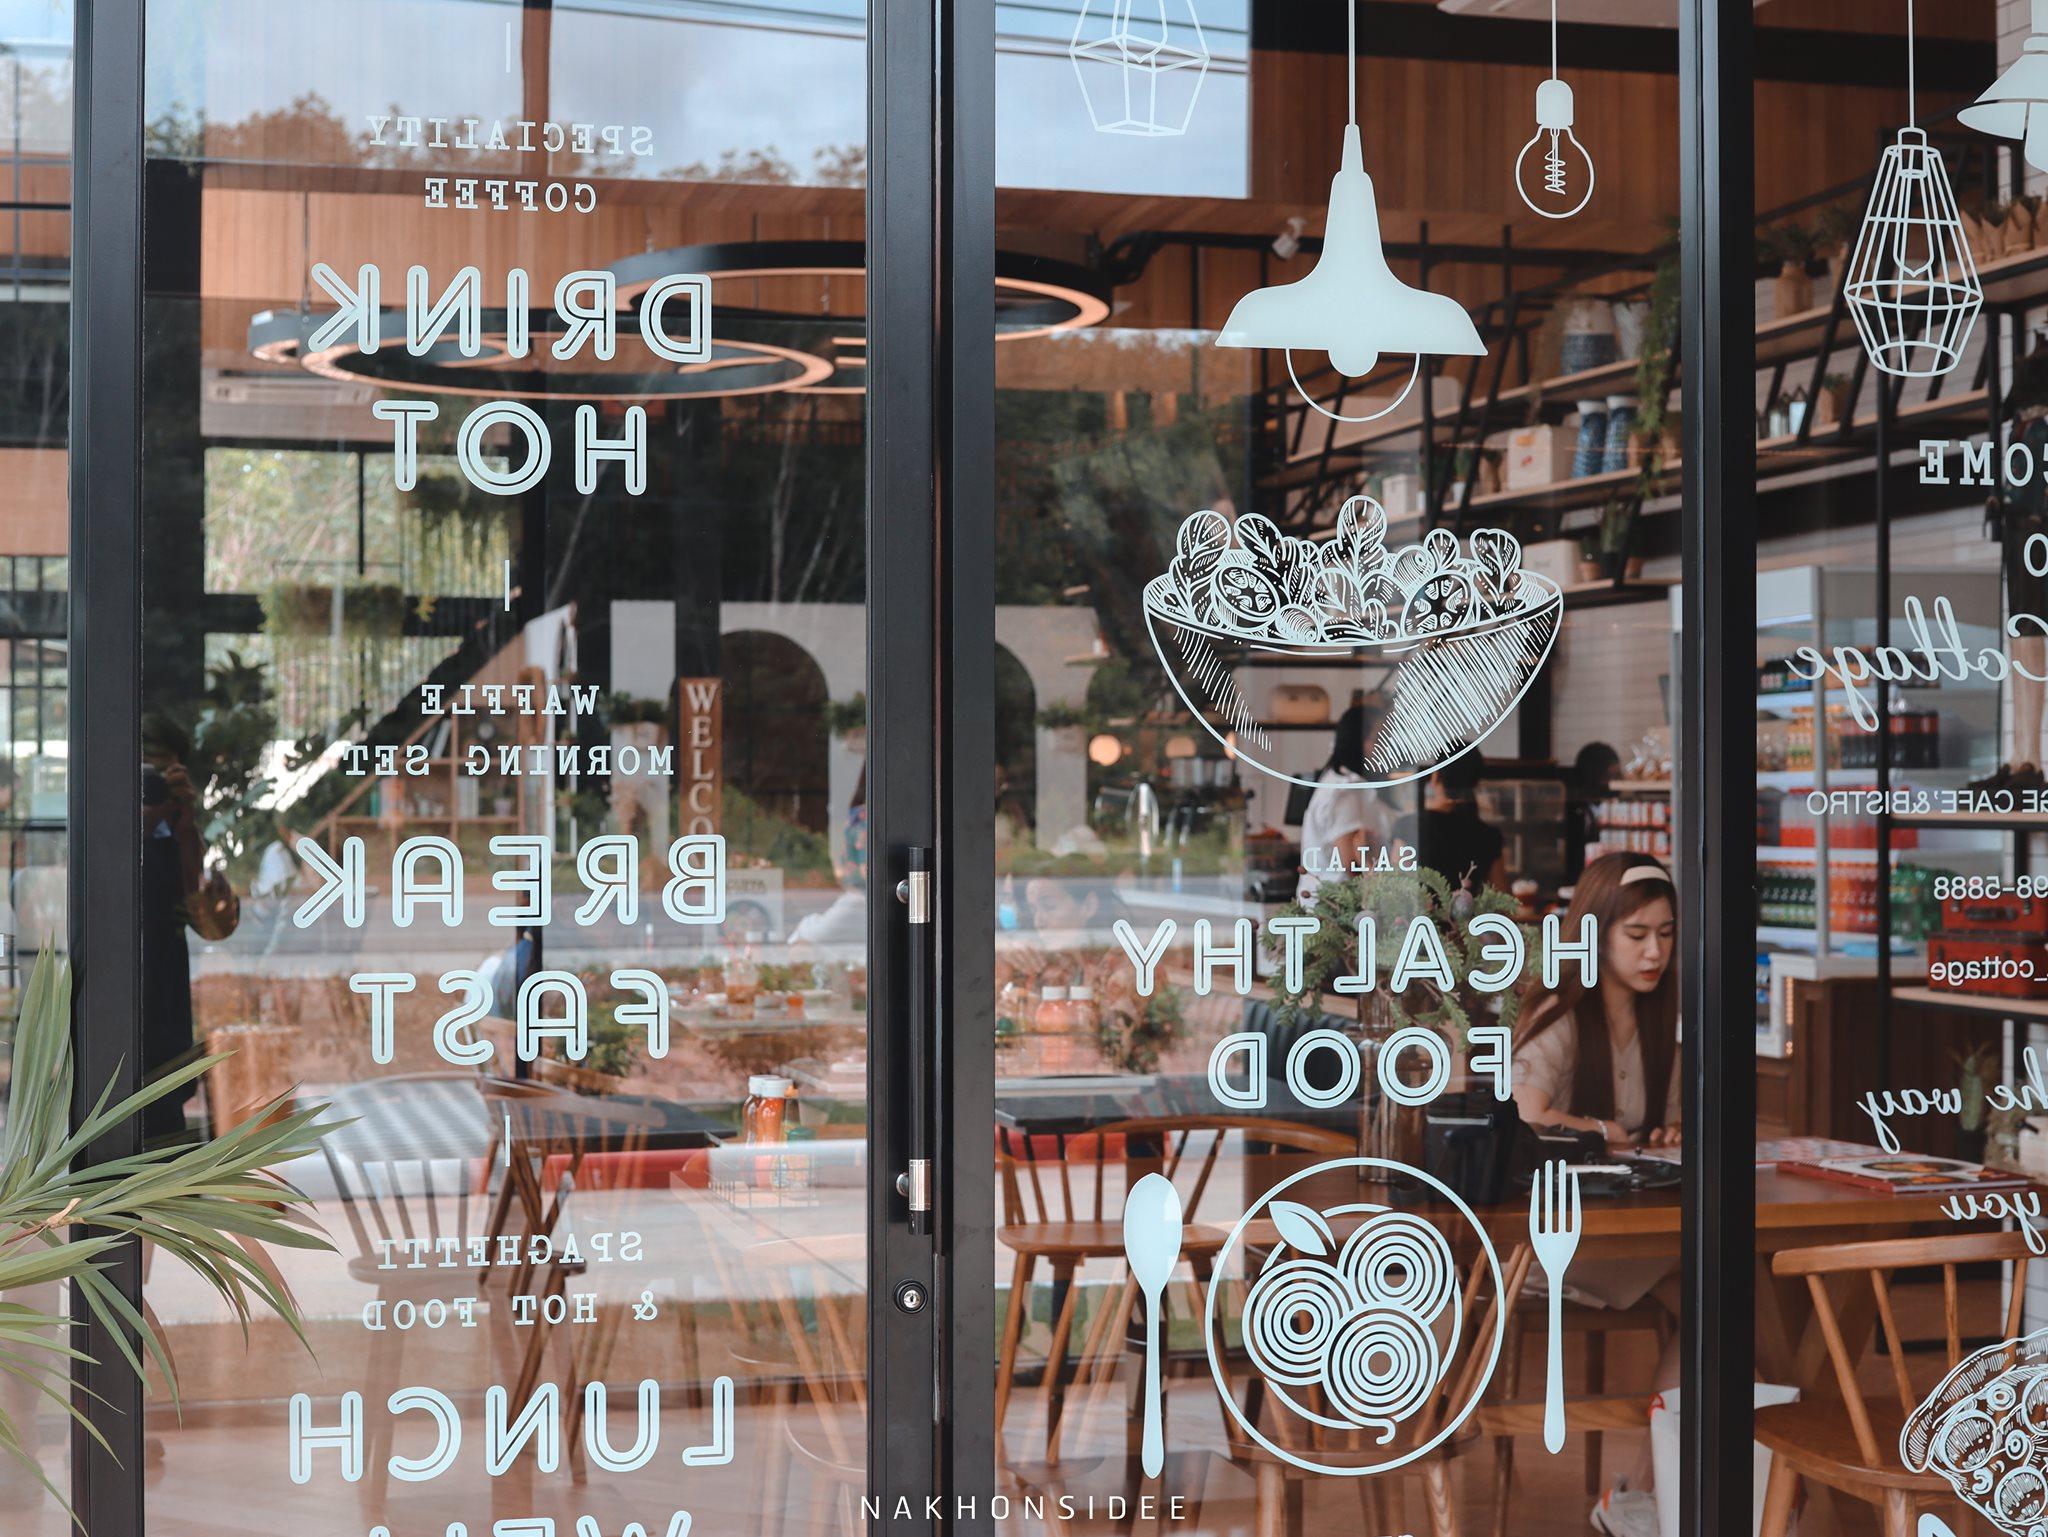 คาเฟ่,ทุ่งใหญ่,ร้านกาแฟ,อร่อย,cuppa,cottage